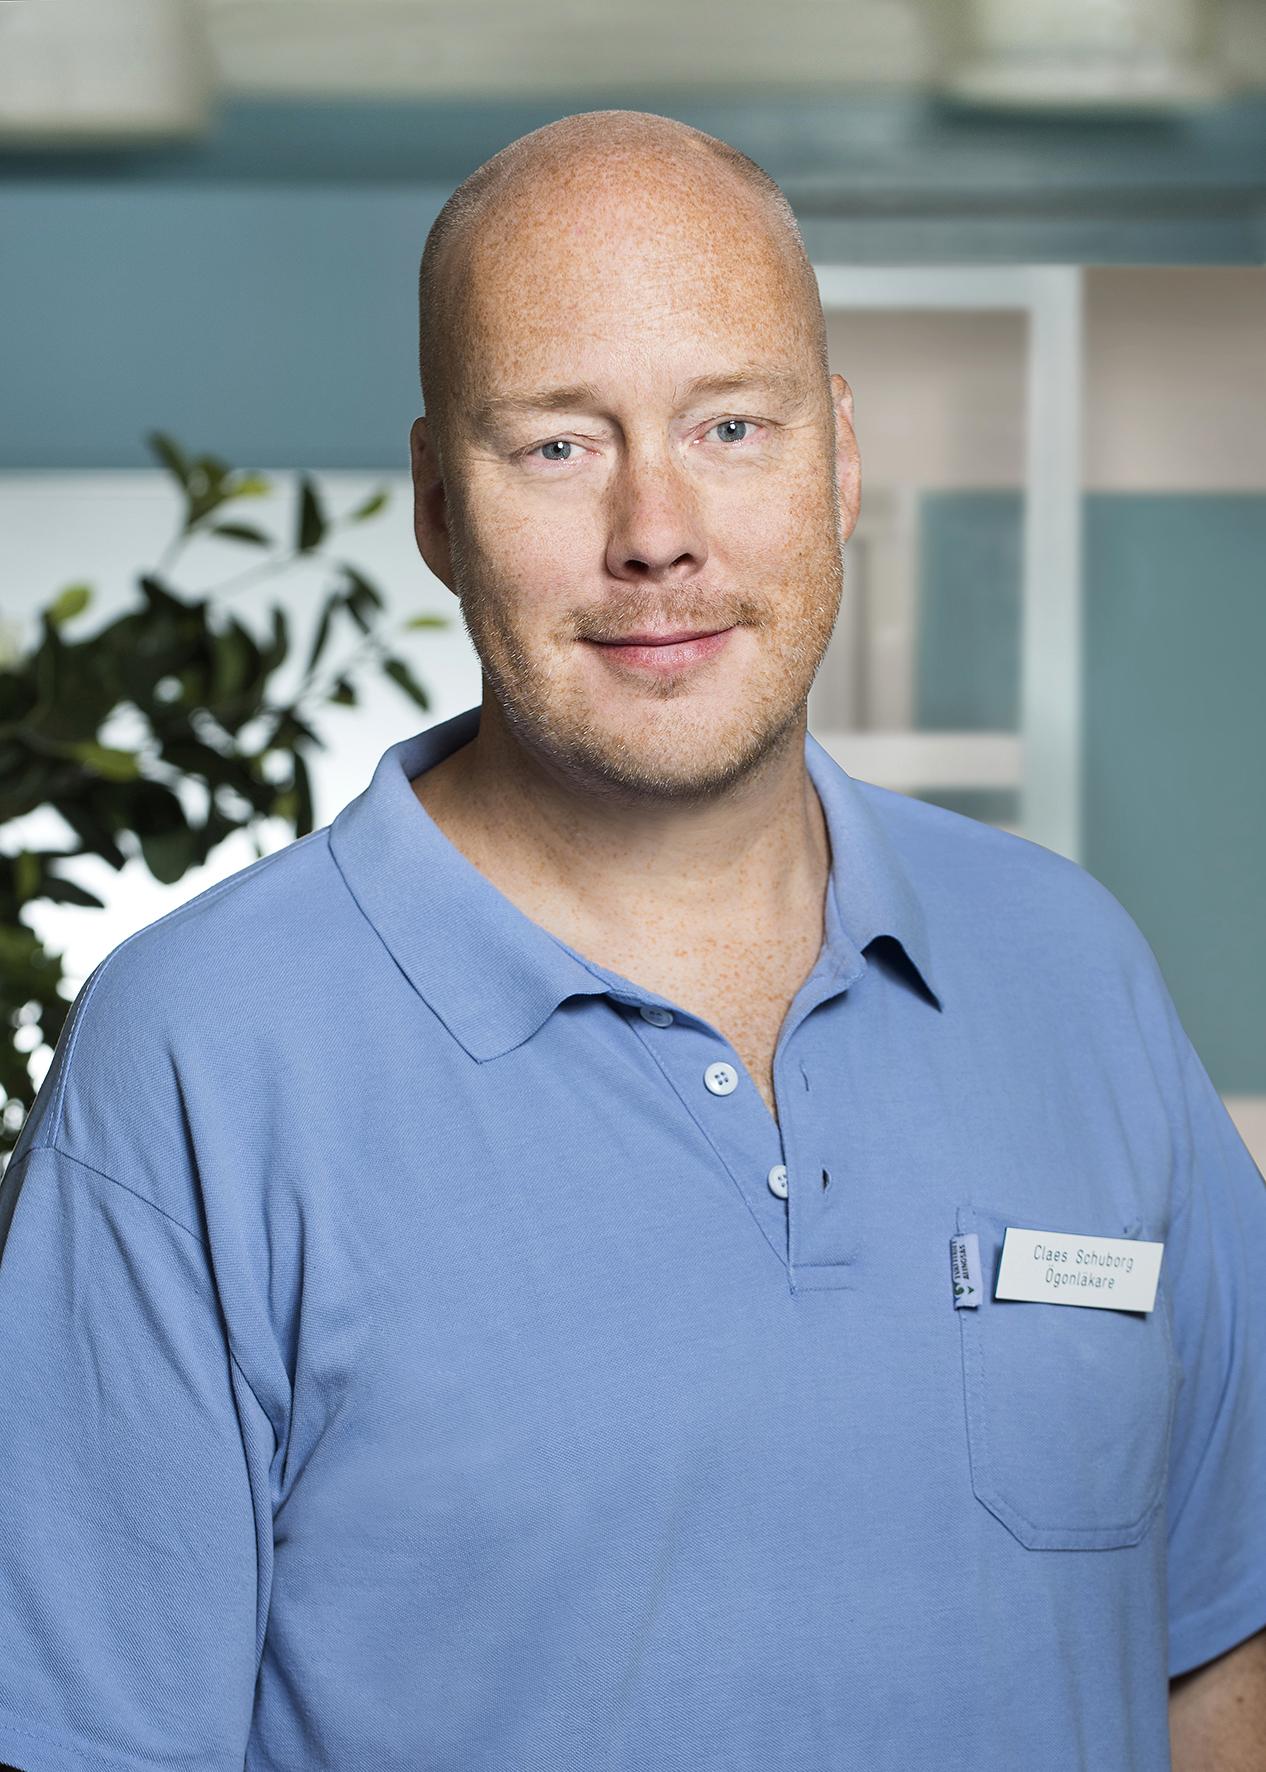 Claes Schuborg